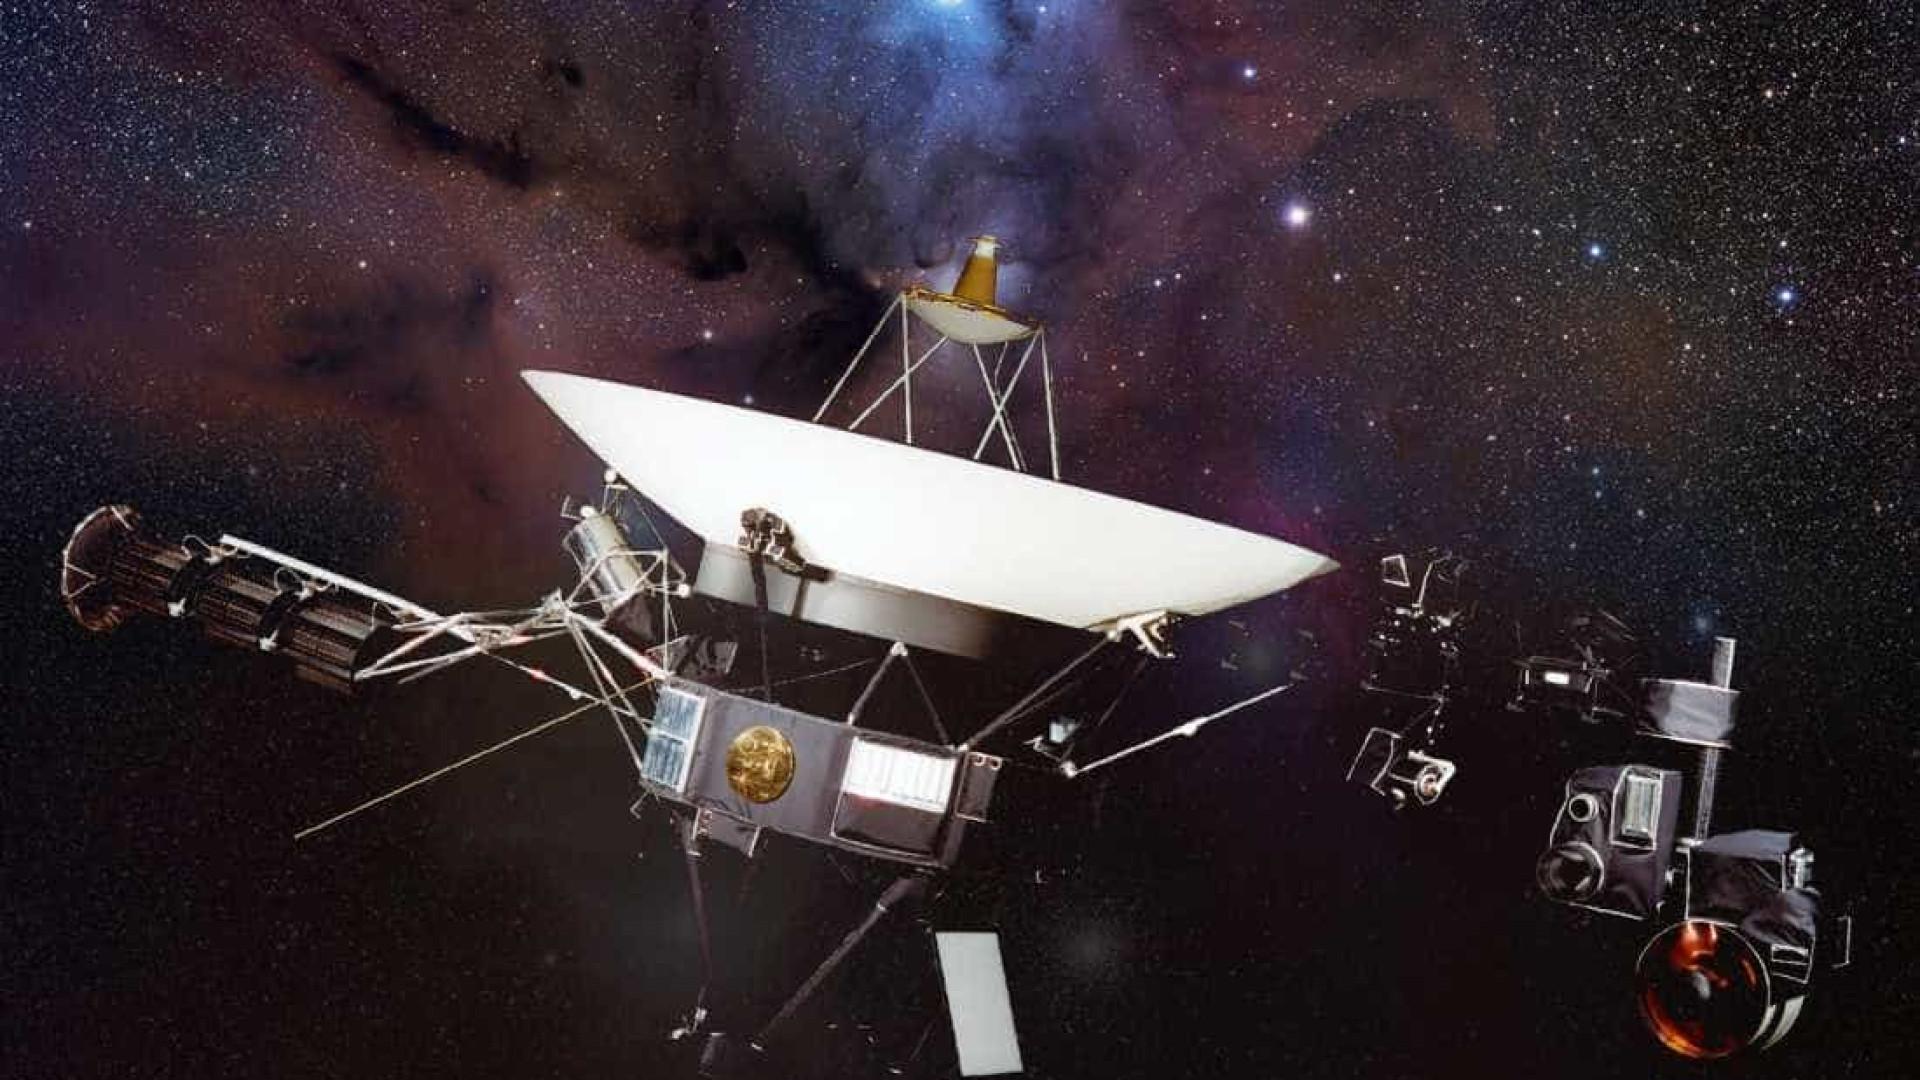 Voyager: saiba tudo sobre a missão espacial mais longa da história